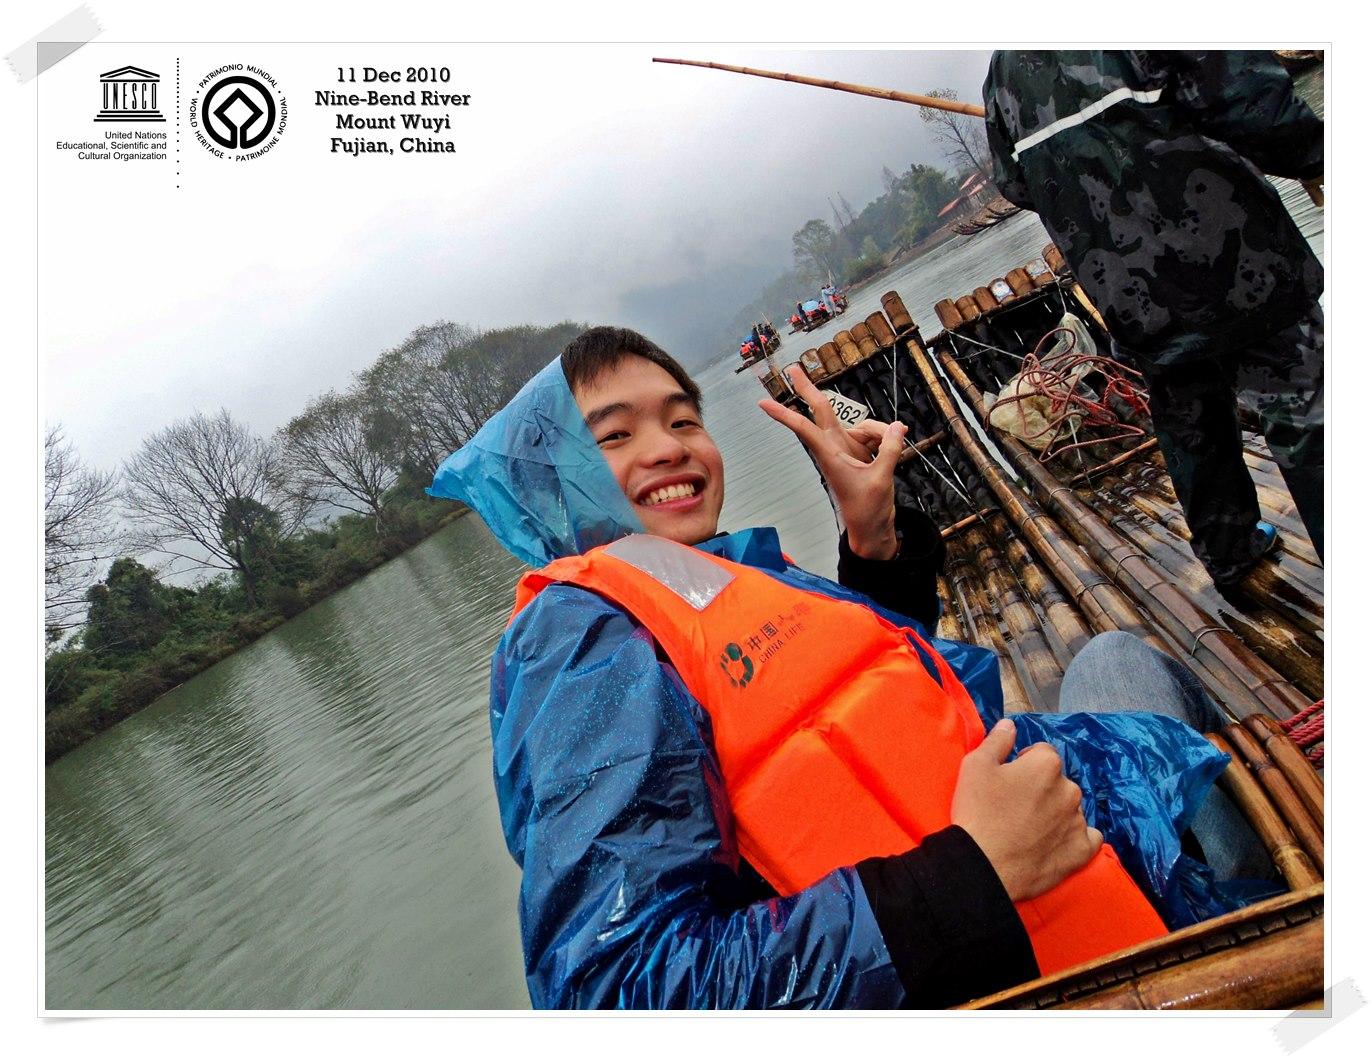 Bamboo Rafting at Nine Bend River Mount Wuyi - China Thomas shaw